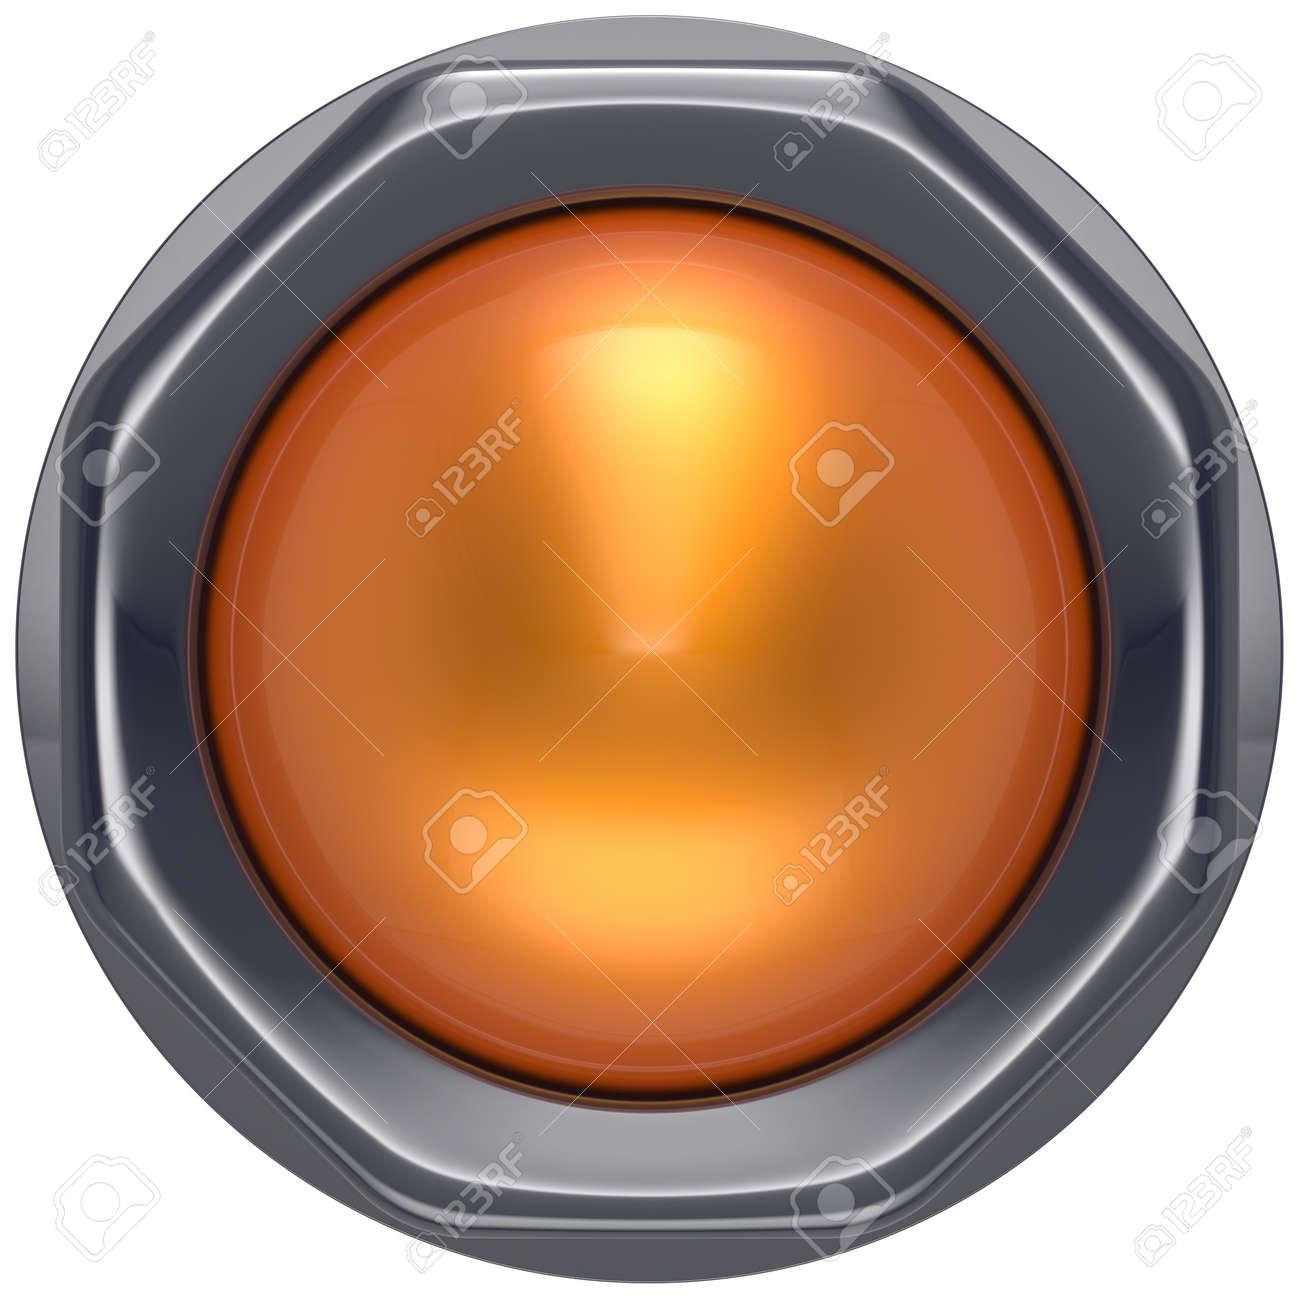 Knopf Orange Start Nach Unten Auf Aktion Push Ausschalten Zündung ...